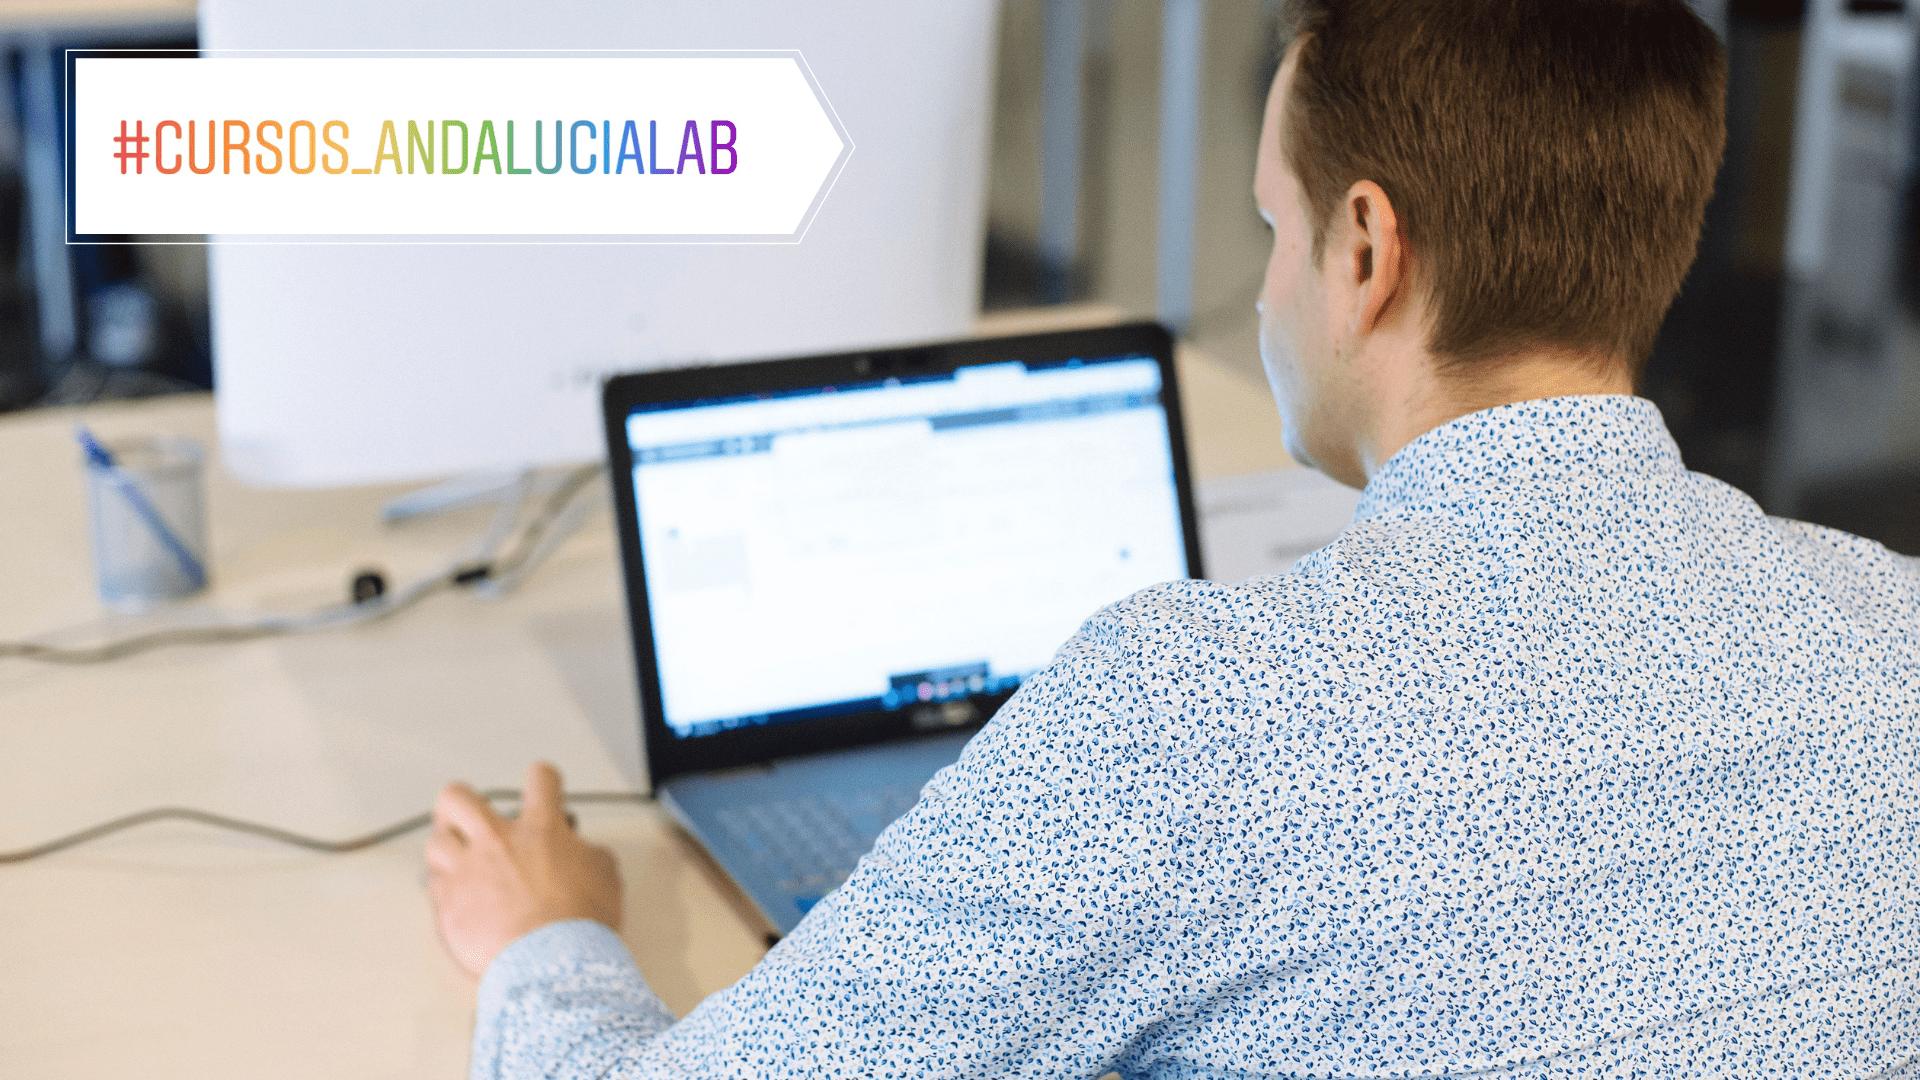 Posicionamiento SEO aplicado: Cómo posicionar una web, SEO para principiantes – 15 septiembre / tarde